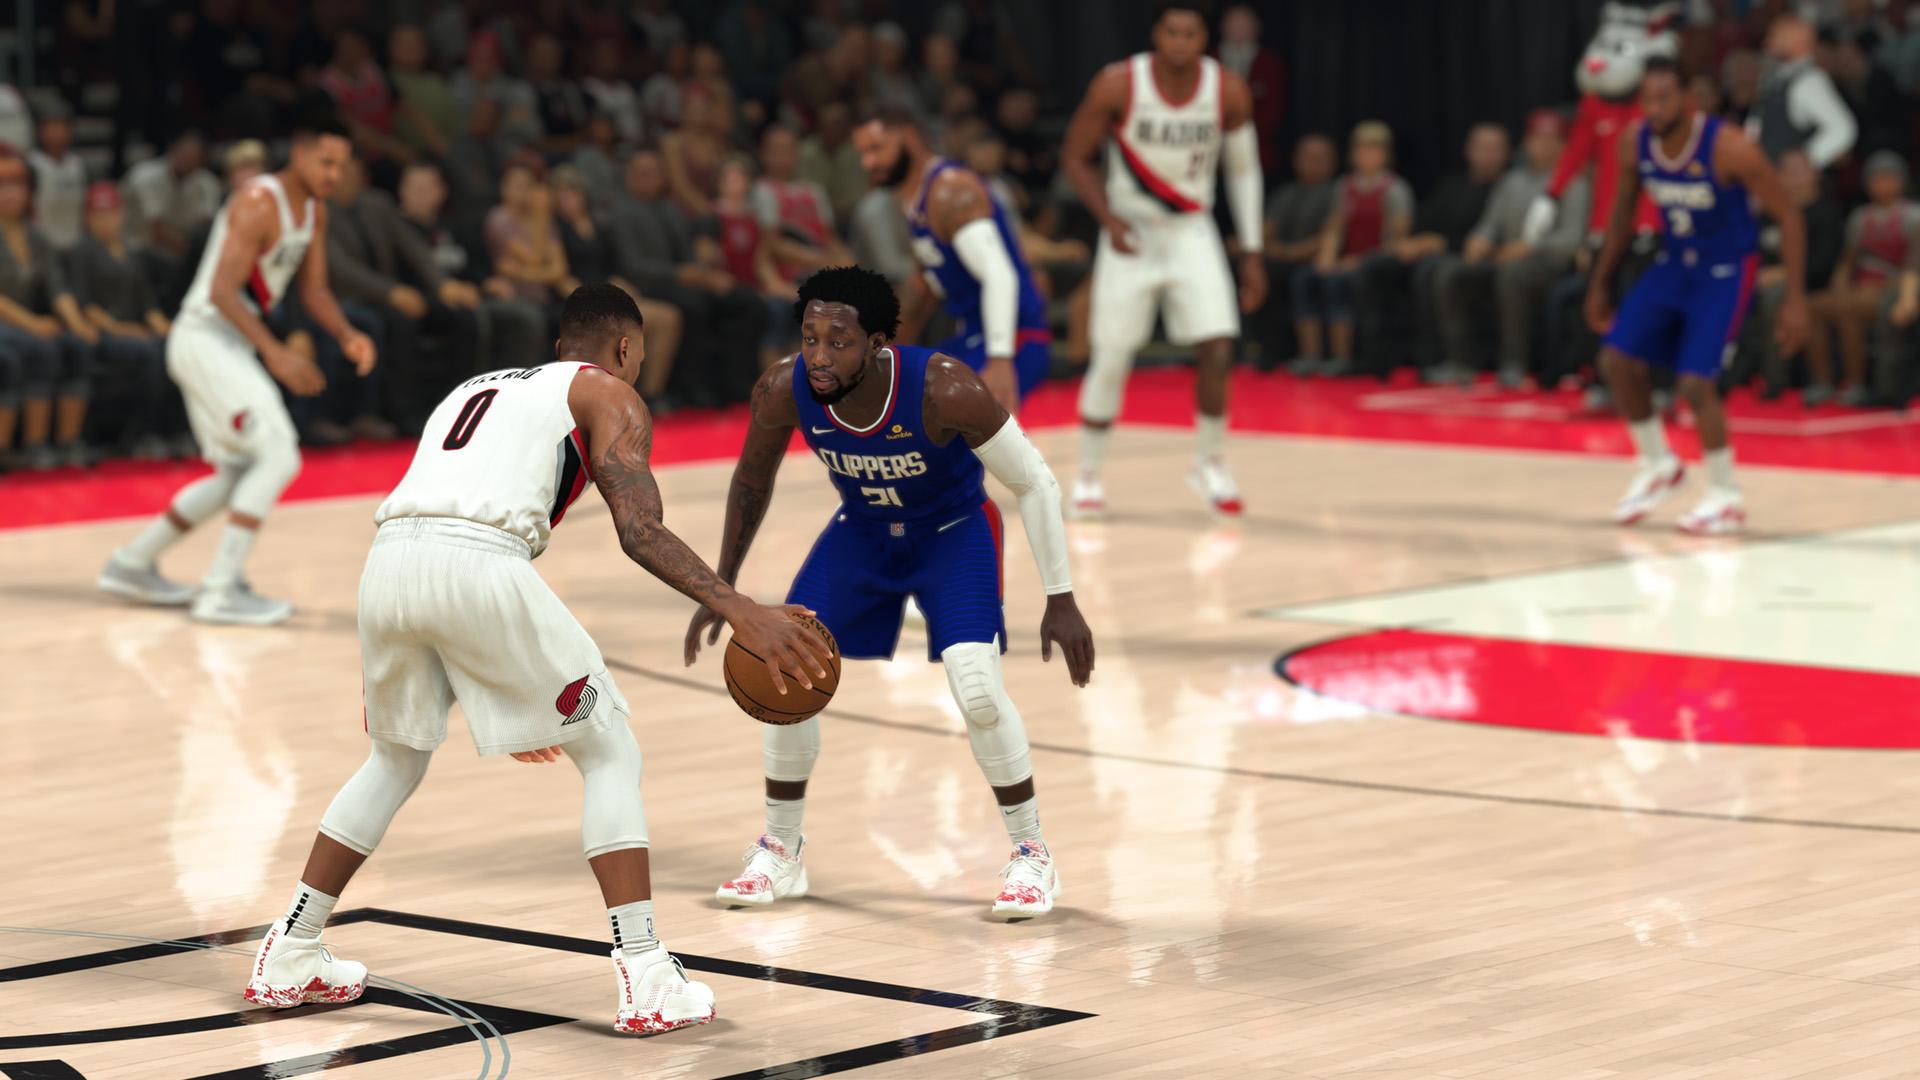 NBA 2K21 Review: Not Really an Upgrade - Den of Geek